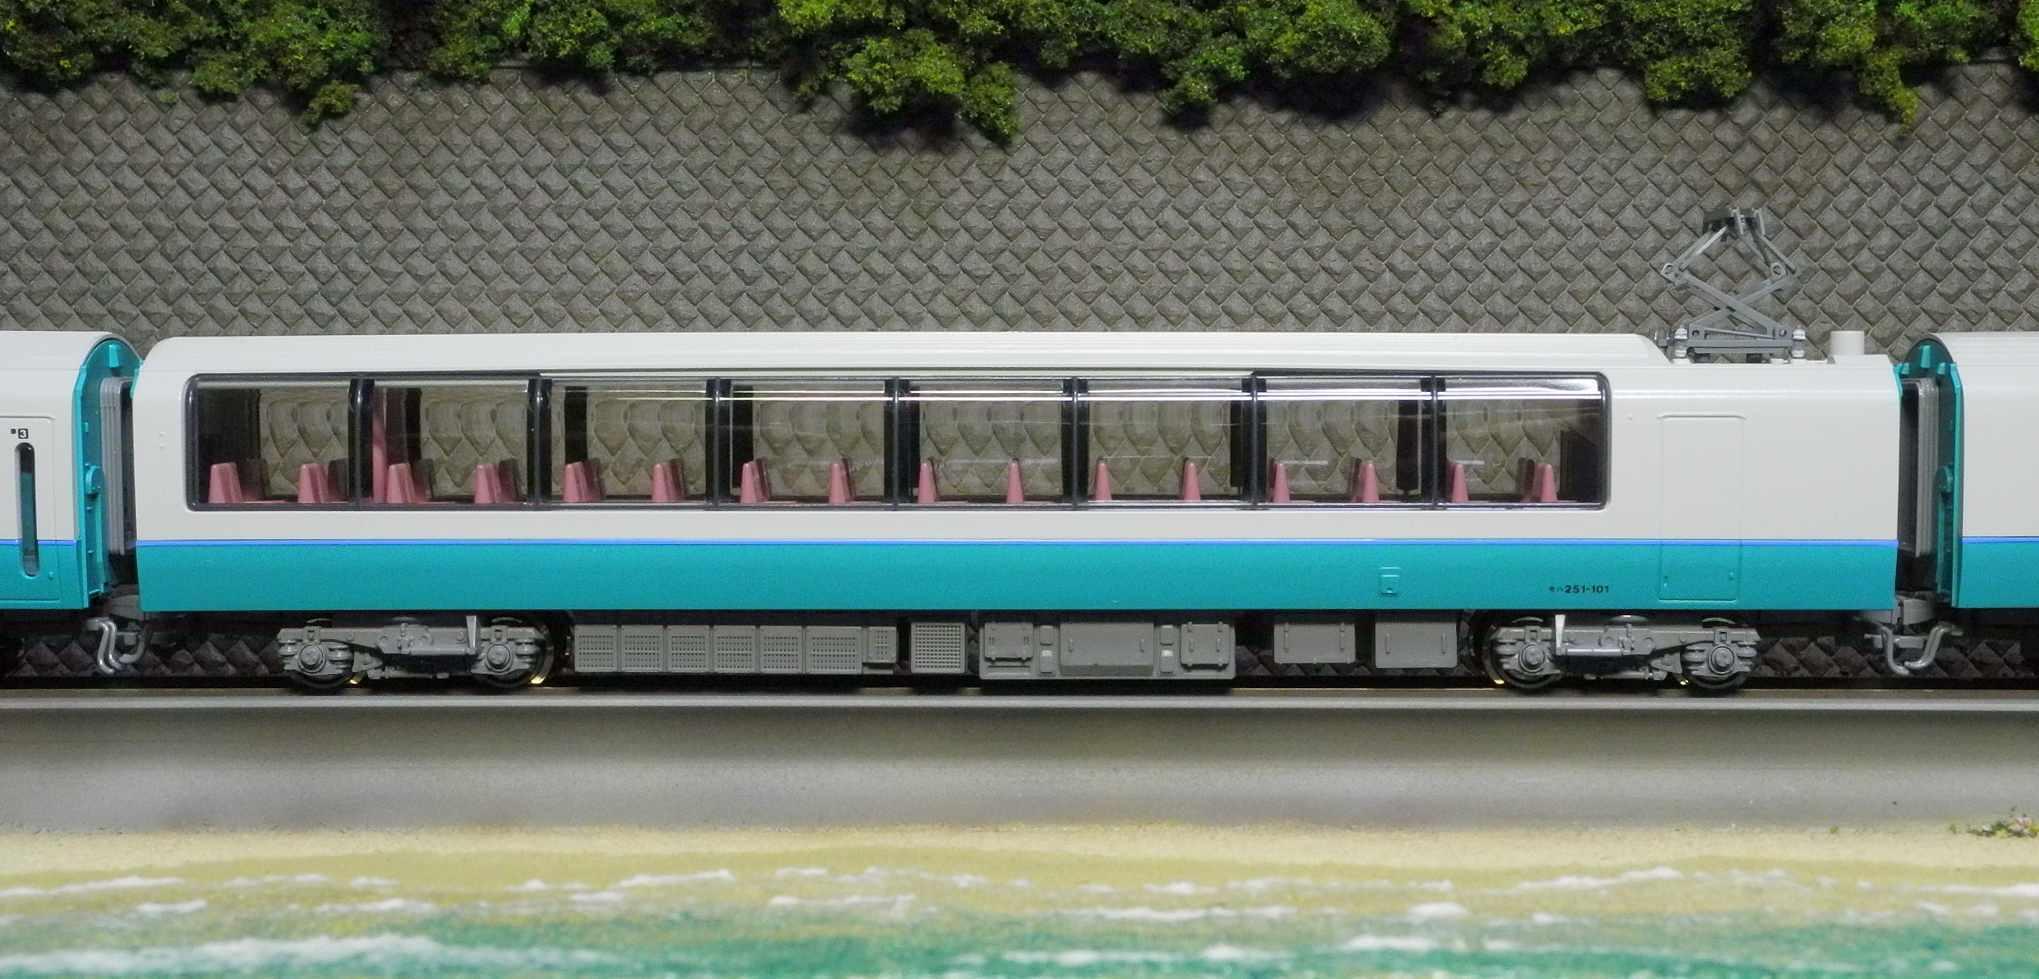 DSCN9851-1.jpg